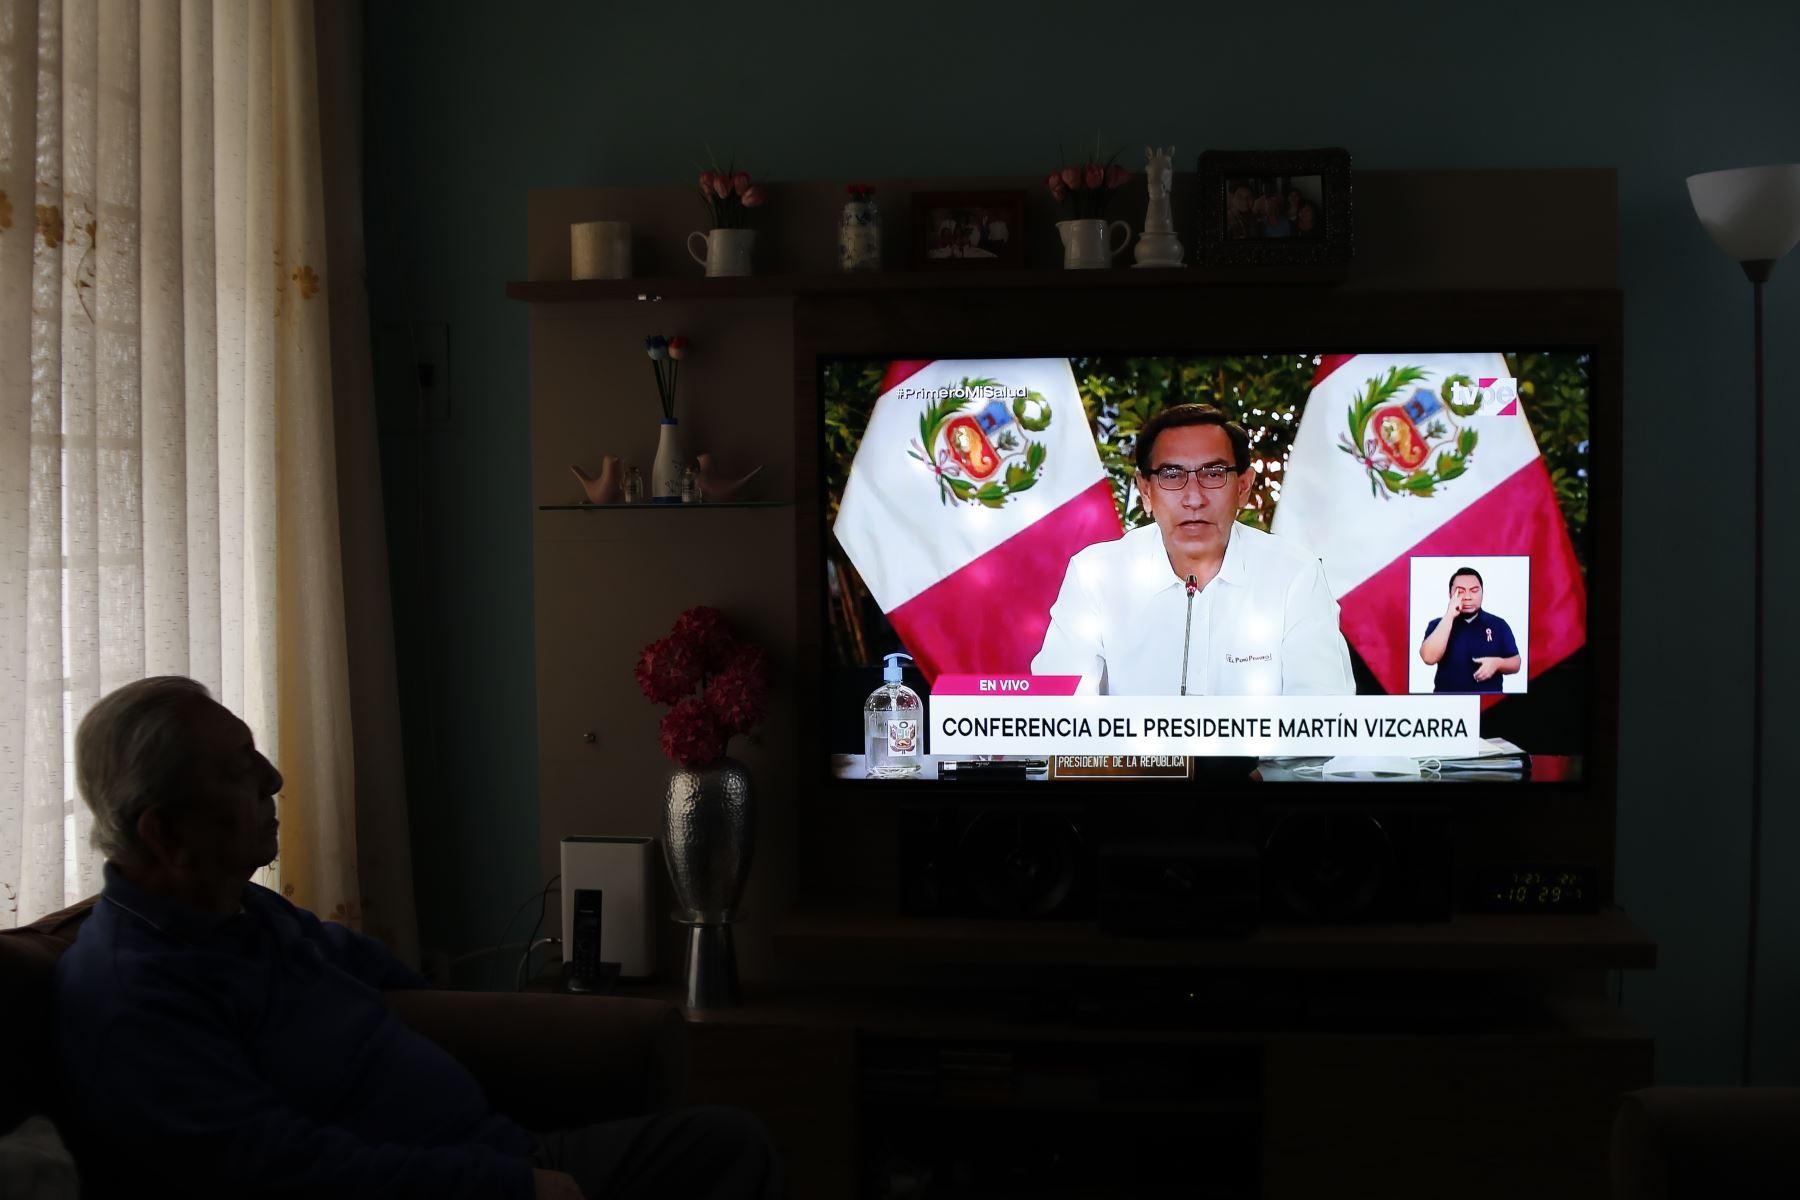 Su padre observa el mensaje a la Nación del Presidente Martín Vizcarra. Al lado aparece su hijo ejerciendo su labor como intérprete. Foto: ANDINA/Presidencia/Renato Pajuelo